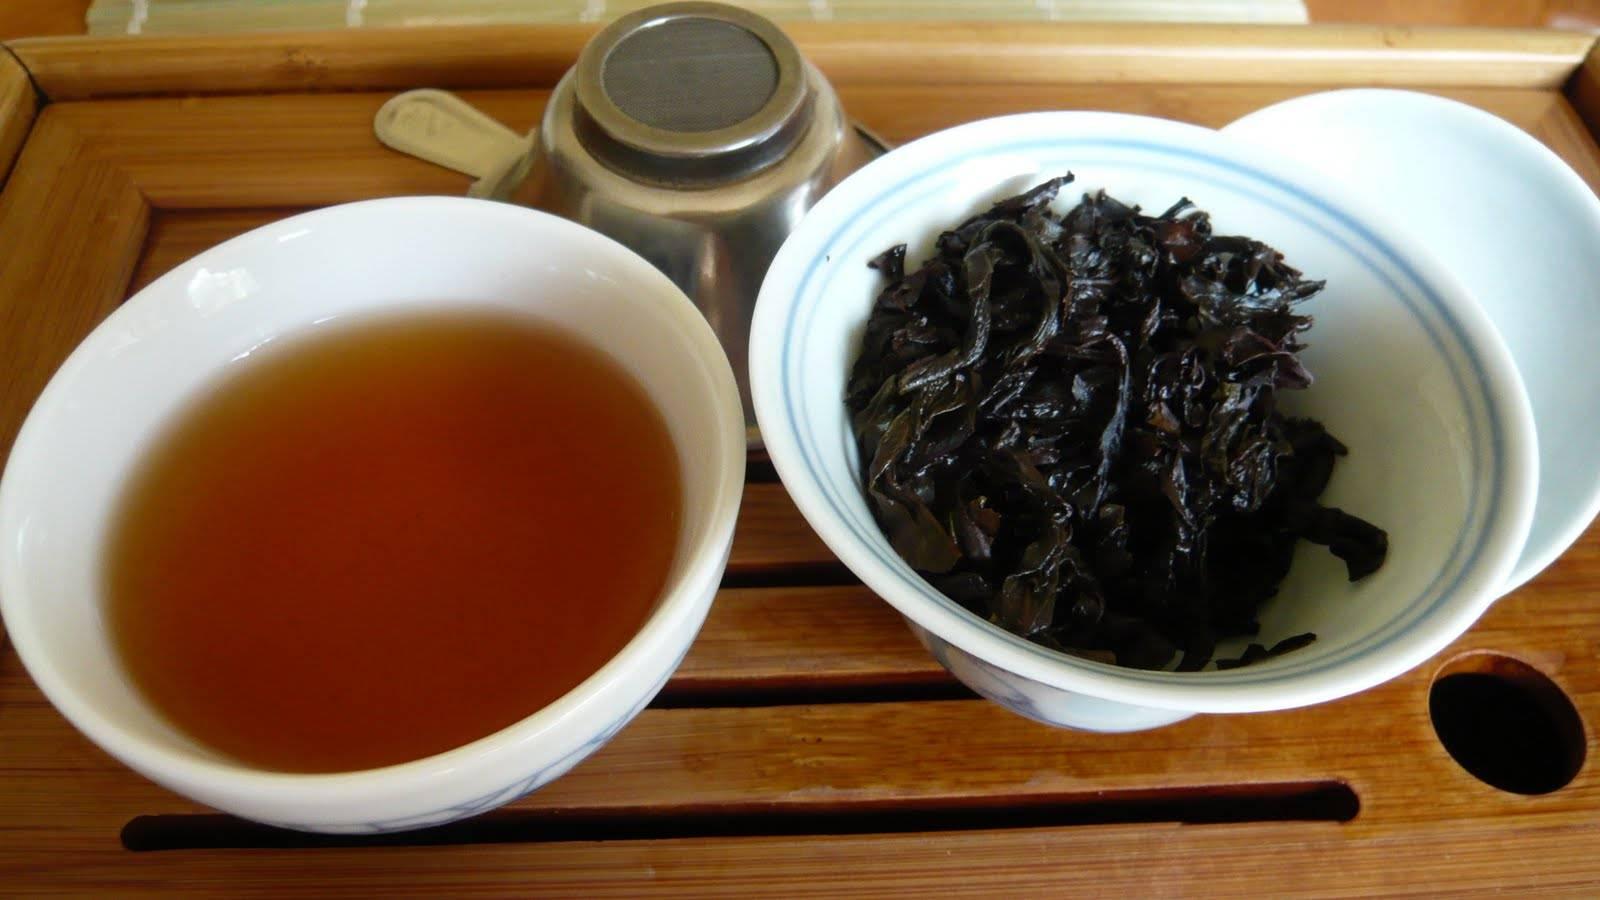 Знаменитый китайский чай да хун пао – большой красный халат